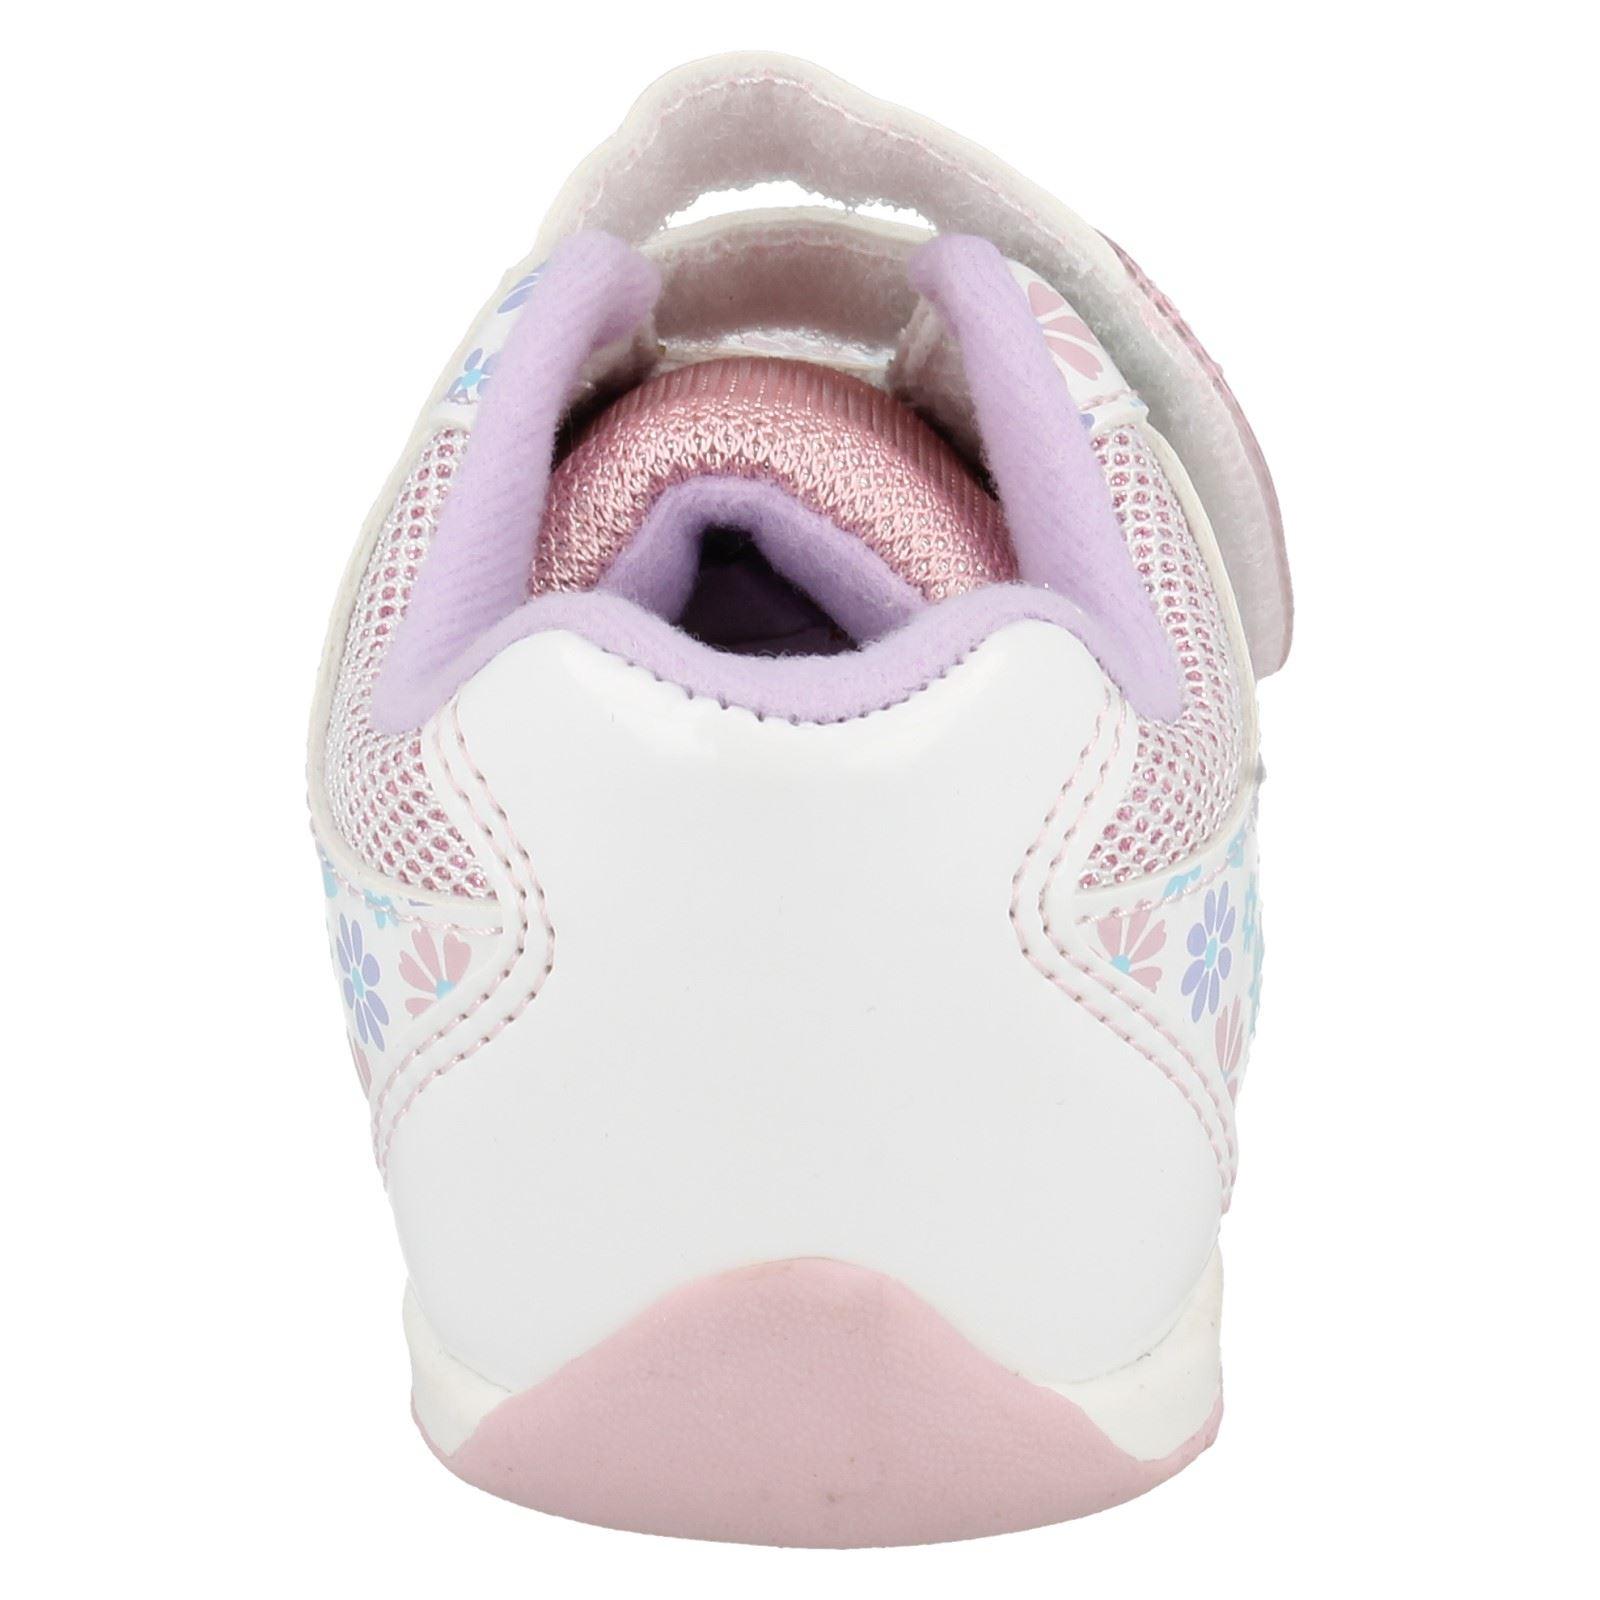 Chicas Disney Zapatillas Con Detalle De Flor Estilo-congelado